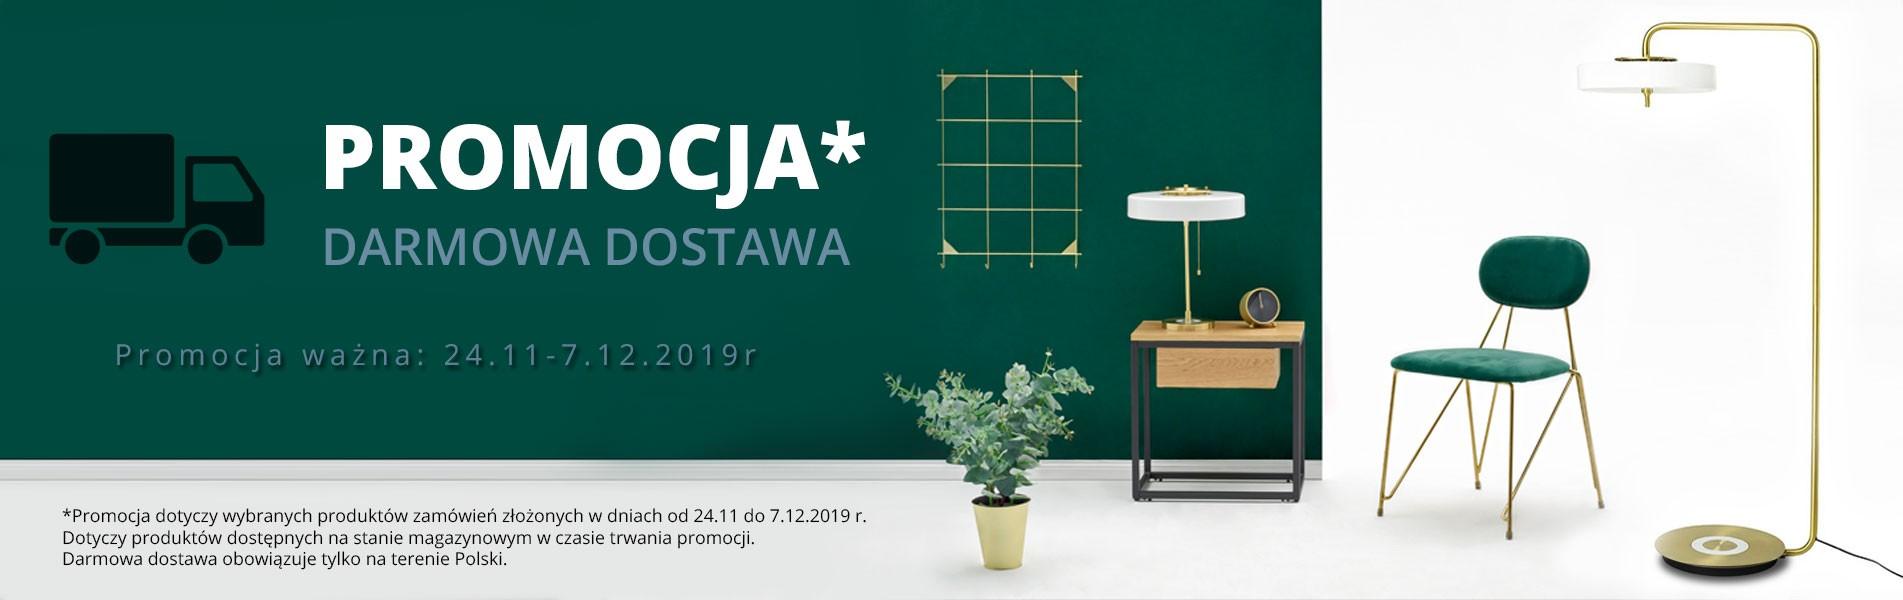 promocja-darmowa-dostawa-lampy-krzesla-stoliki